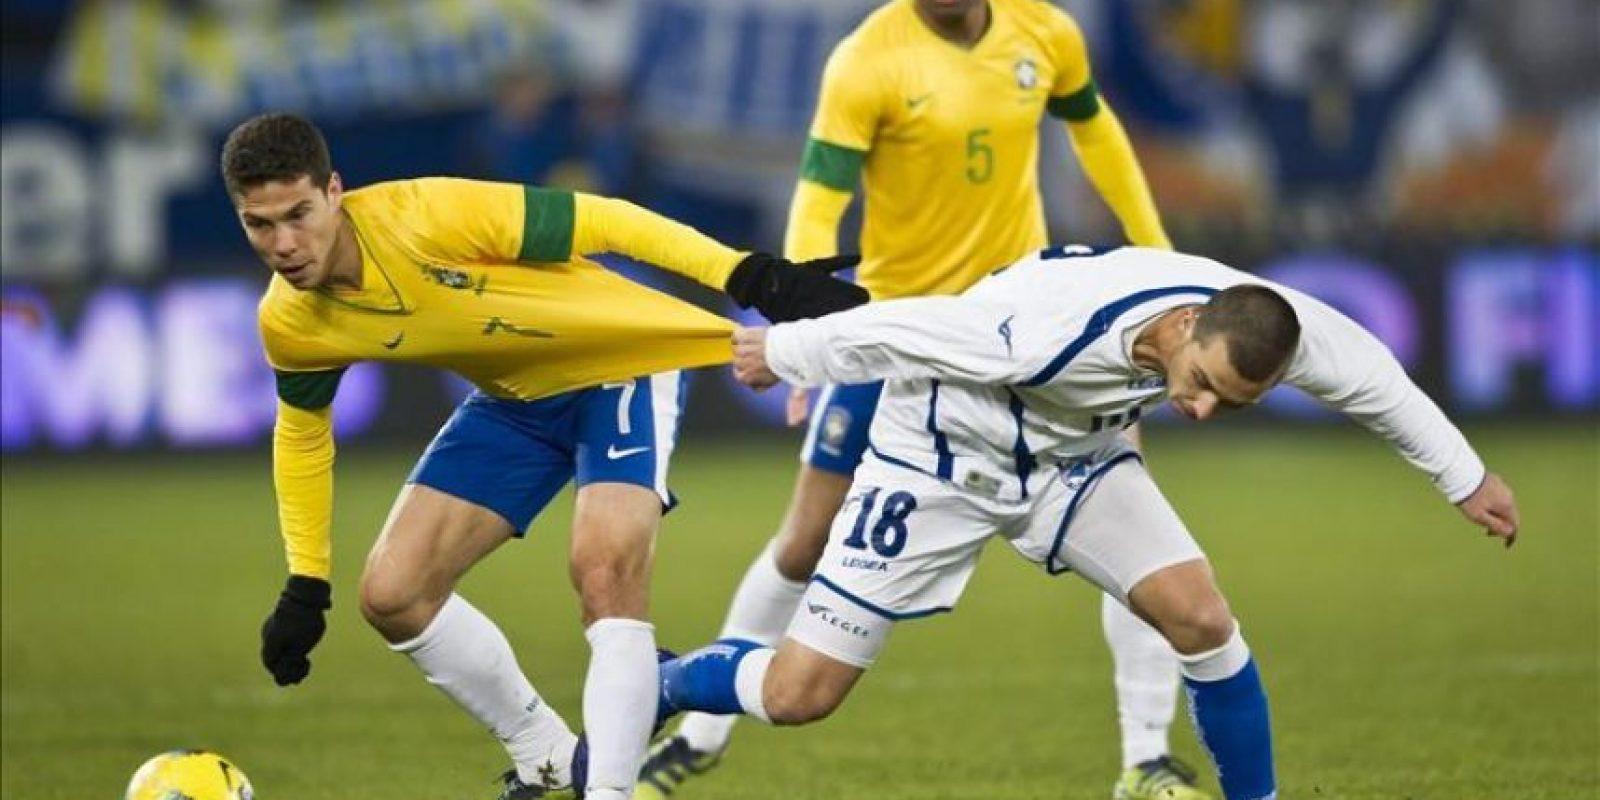 Hernanes (i), de la selección brasileña lucha por el balón con Haris Medunjanin (d), de la selección Bosnia, durante el partido amistoso que ambas selecciones juegan en el AFG Arena de St. Gall, Suiza.EFE